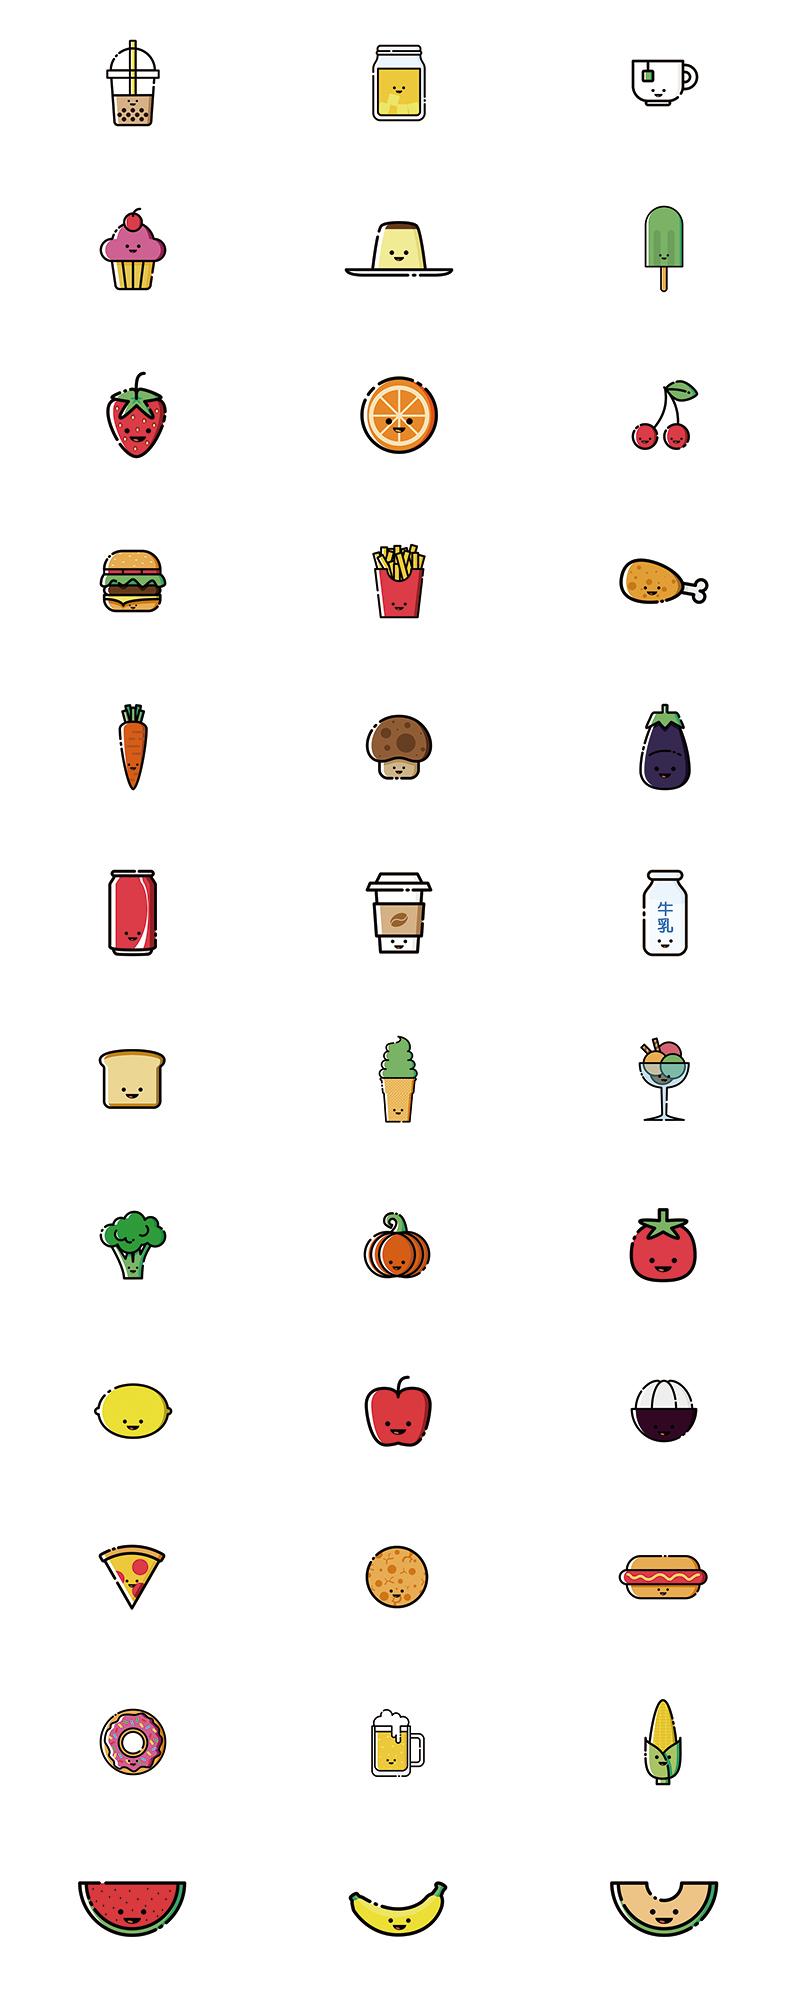 萌萌哒食物图标~